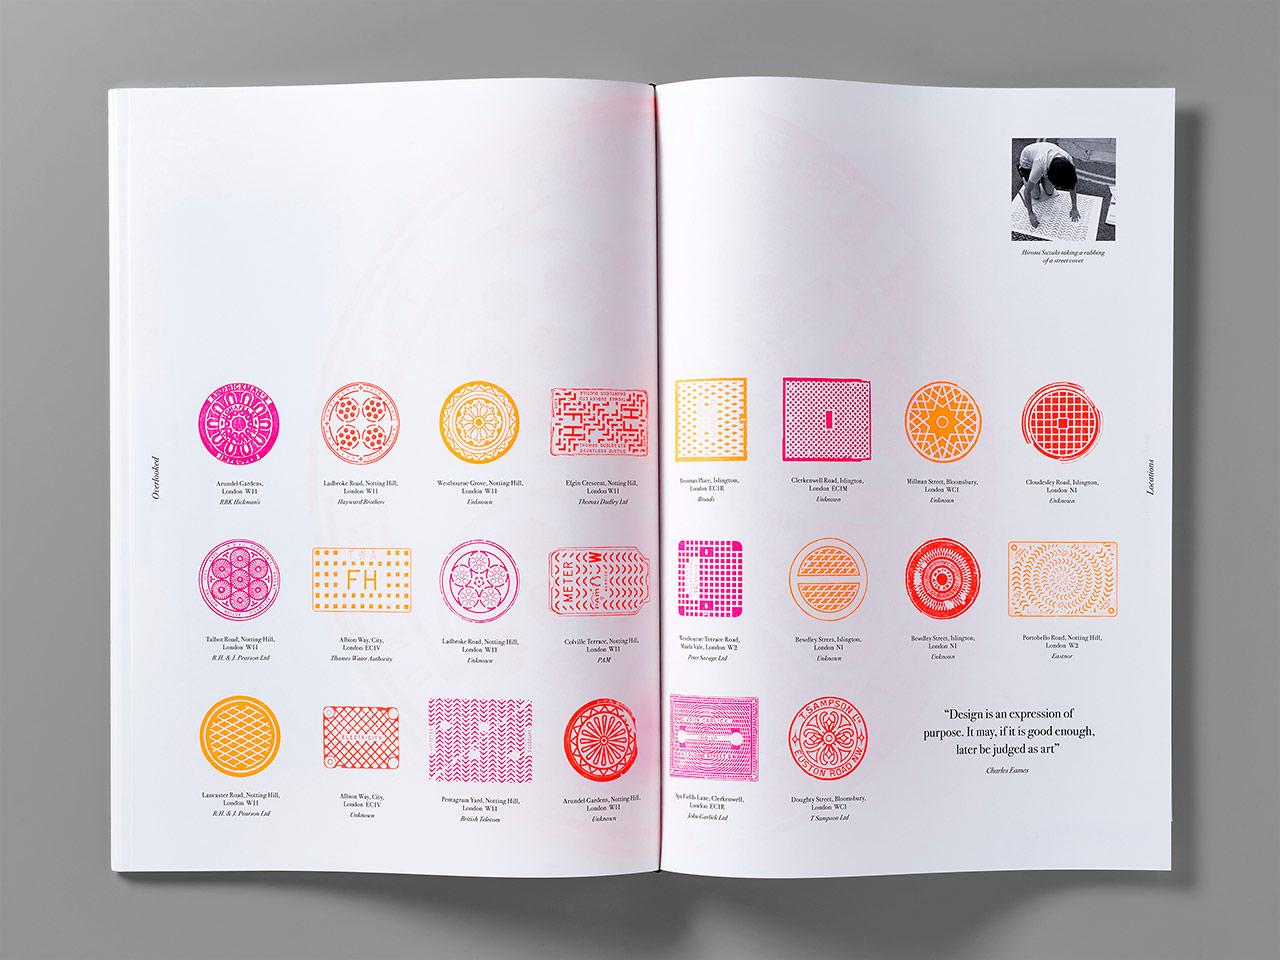 Pentagram_Overlooked-PP-book_24